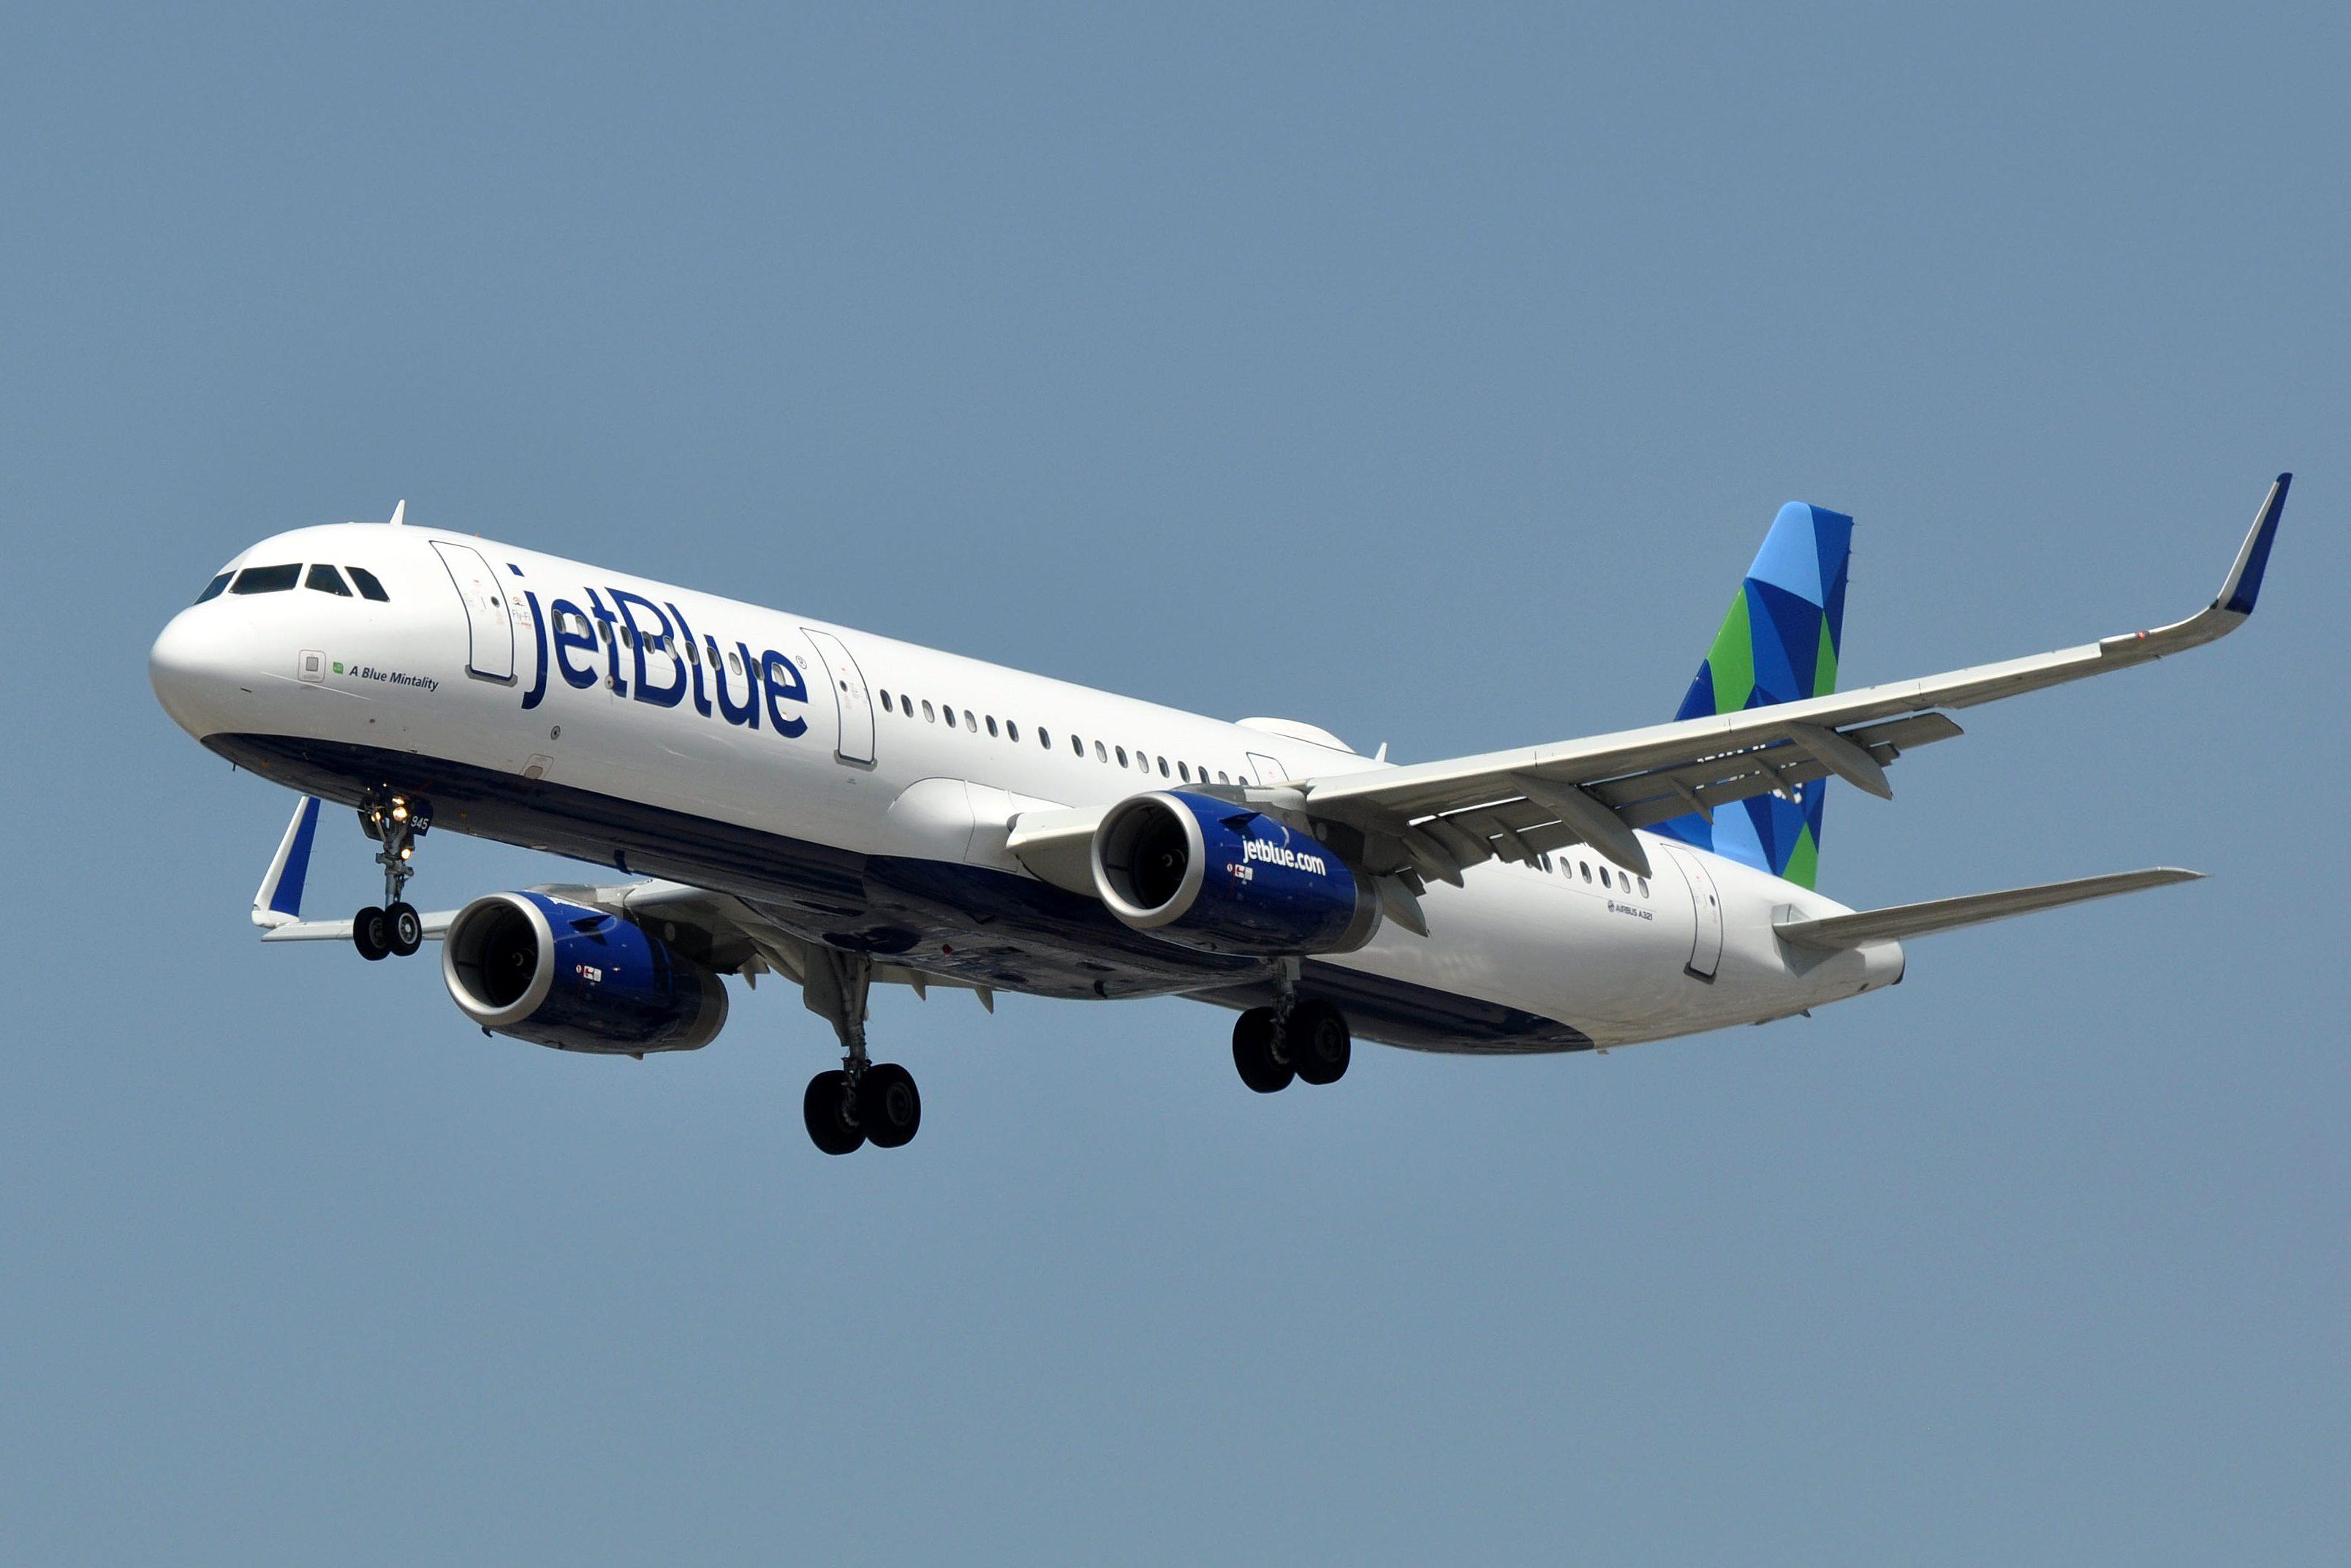 ESA on JetBlue